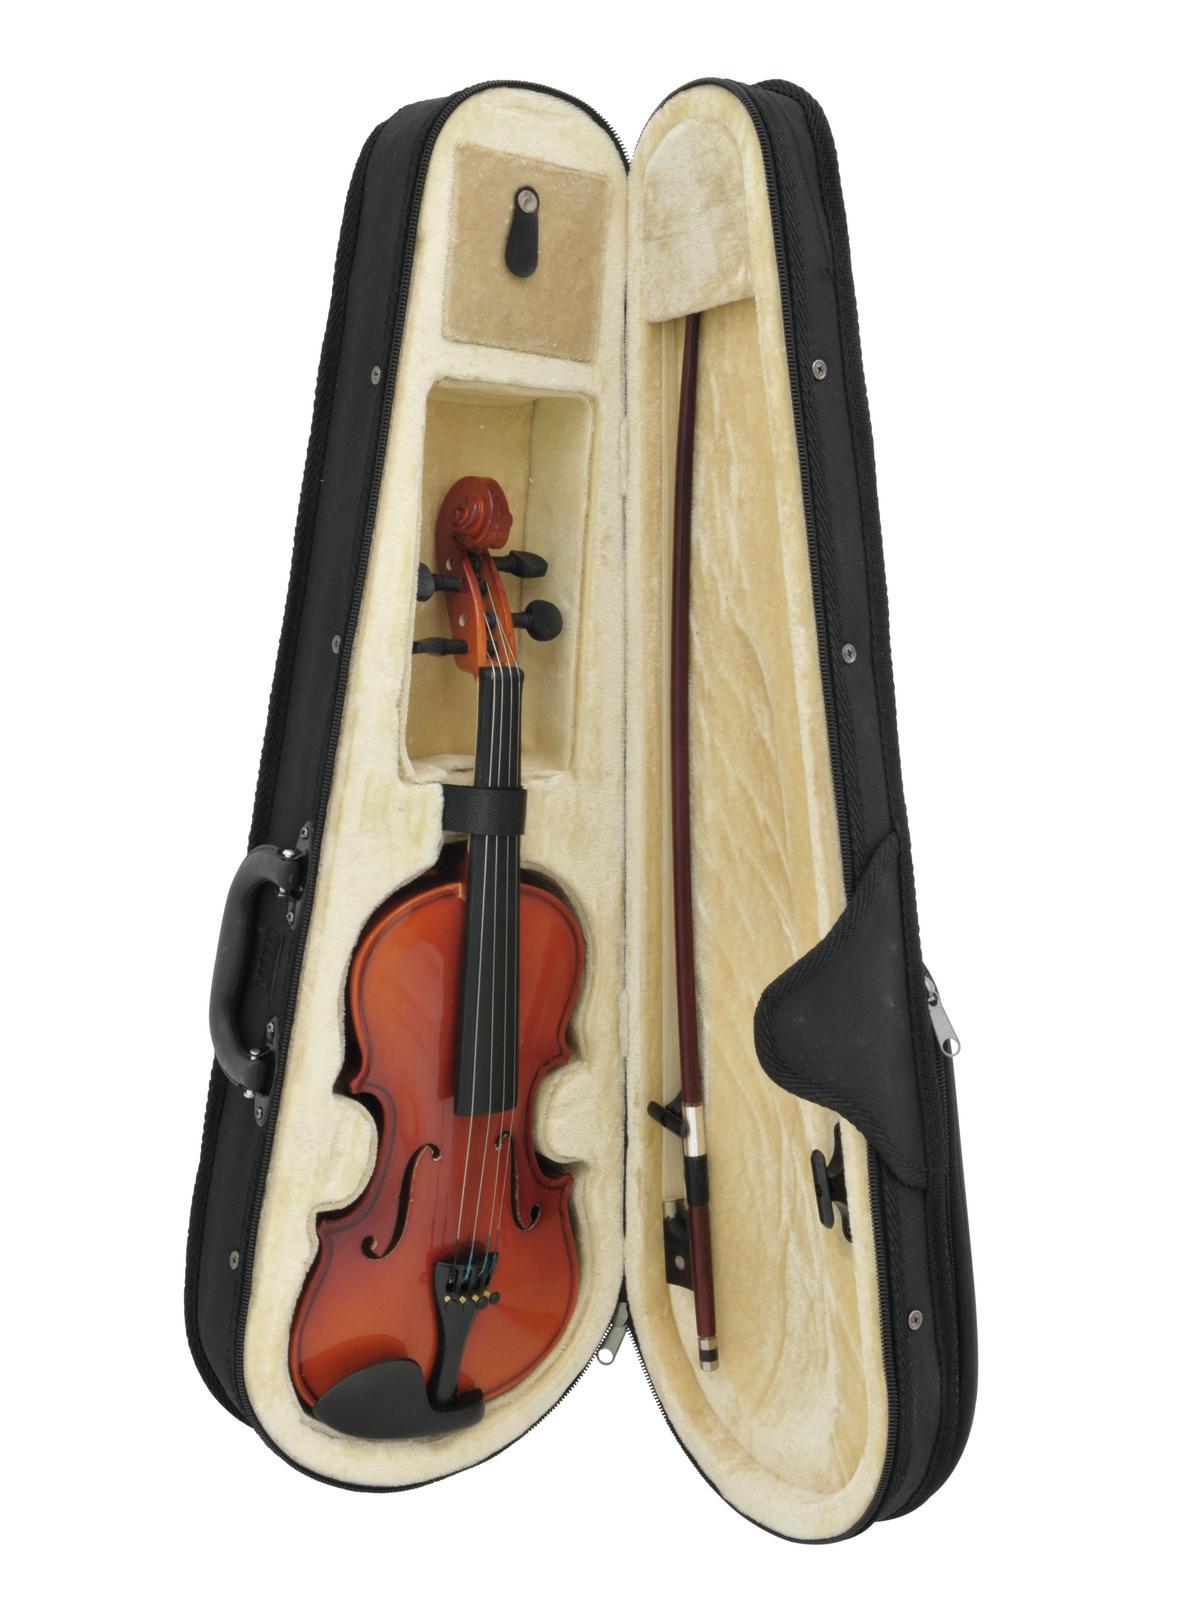 Violino taglia 1/8, colore legno naturale, corpo acero, con custodia DIMAVERY